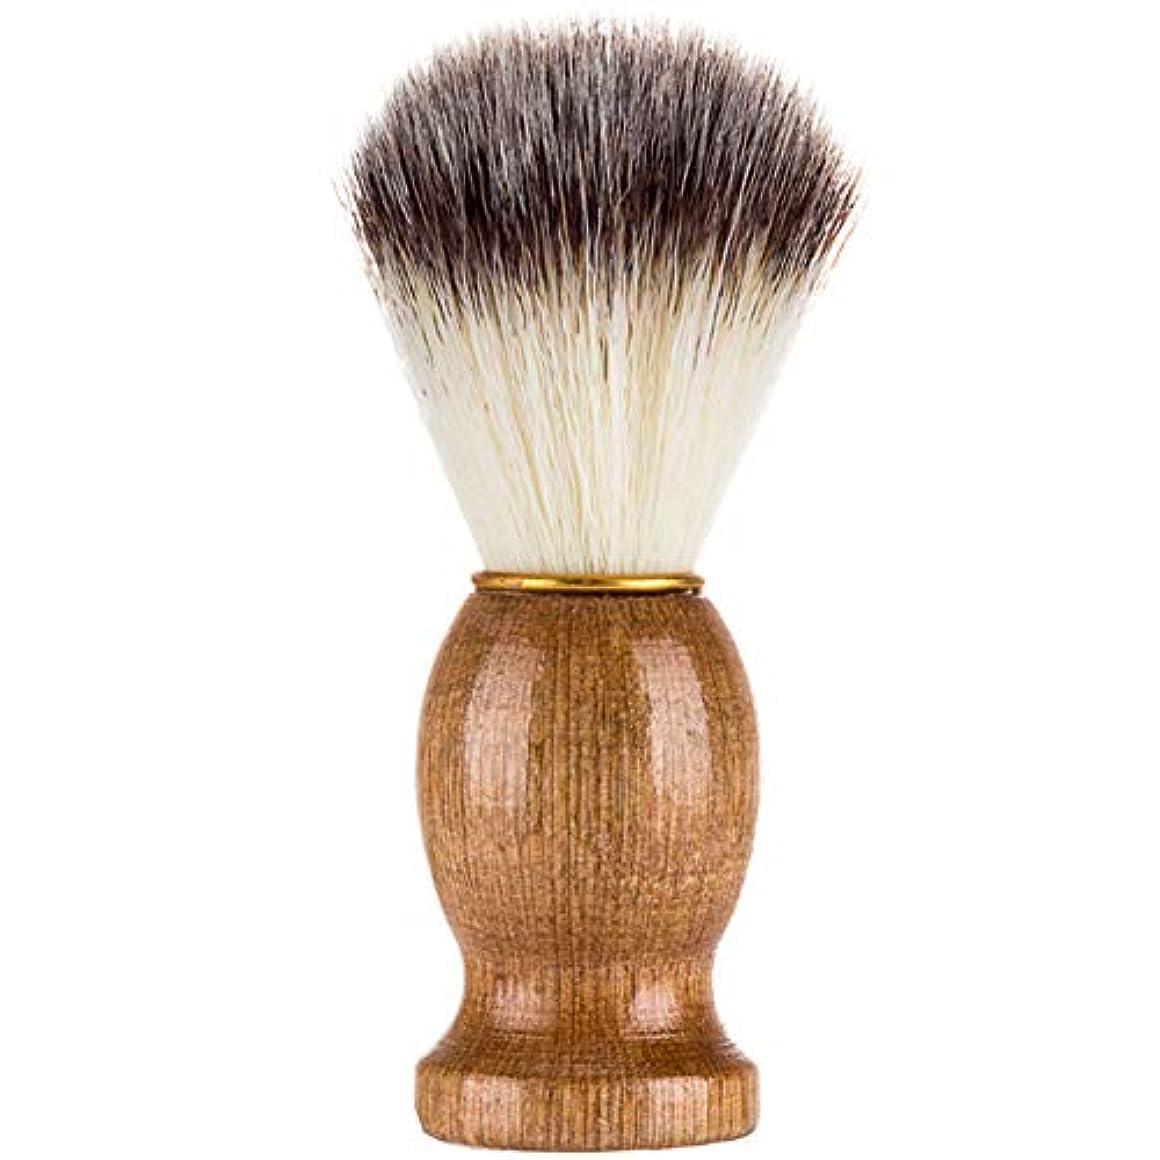 ポーズ美的バンケットTenflyer シェービングブラシ、シェービングブラシ、男性シェービングブラシシェービングかみそりブラシサロン理髪店用ツールひげ剃り用品